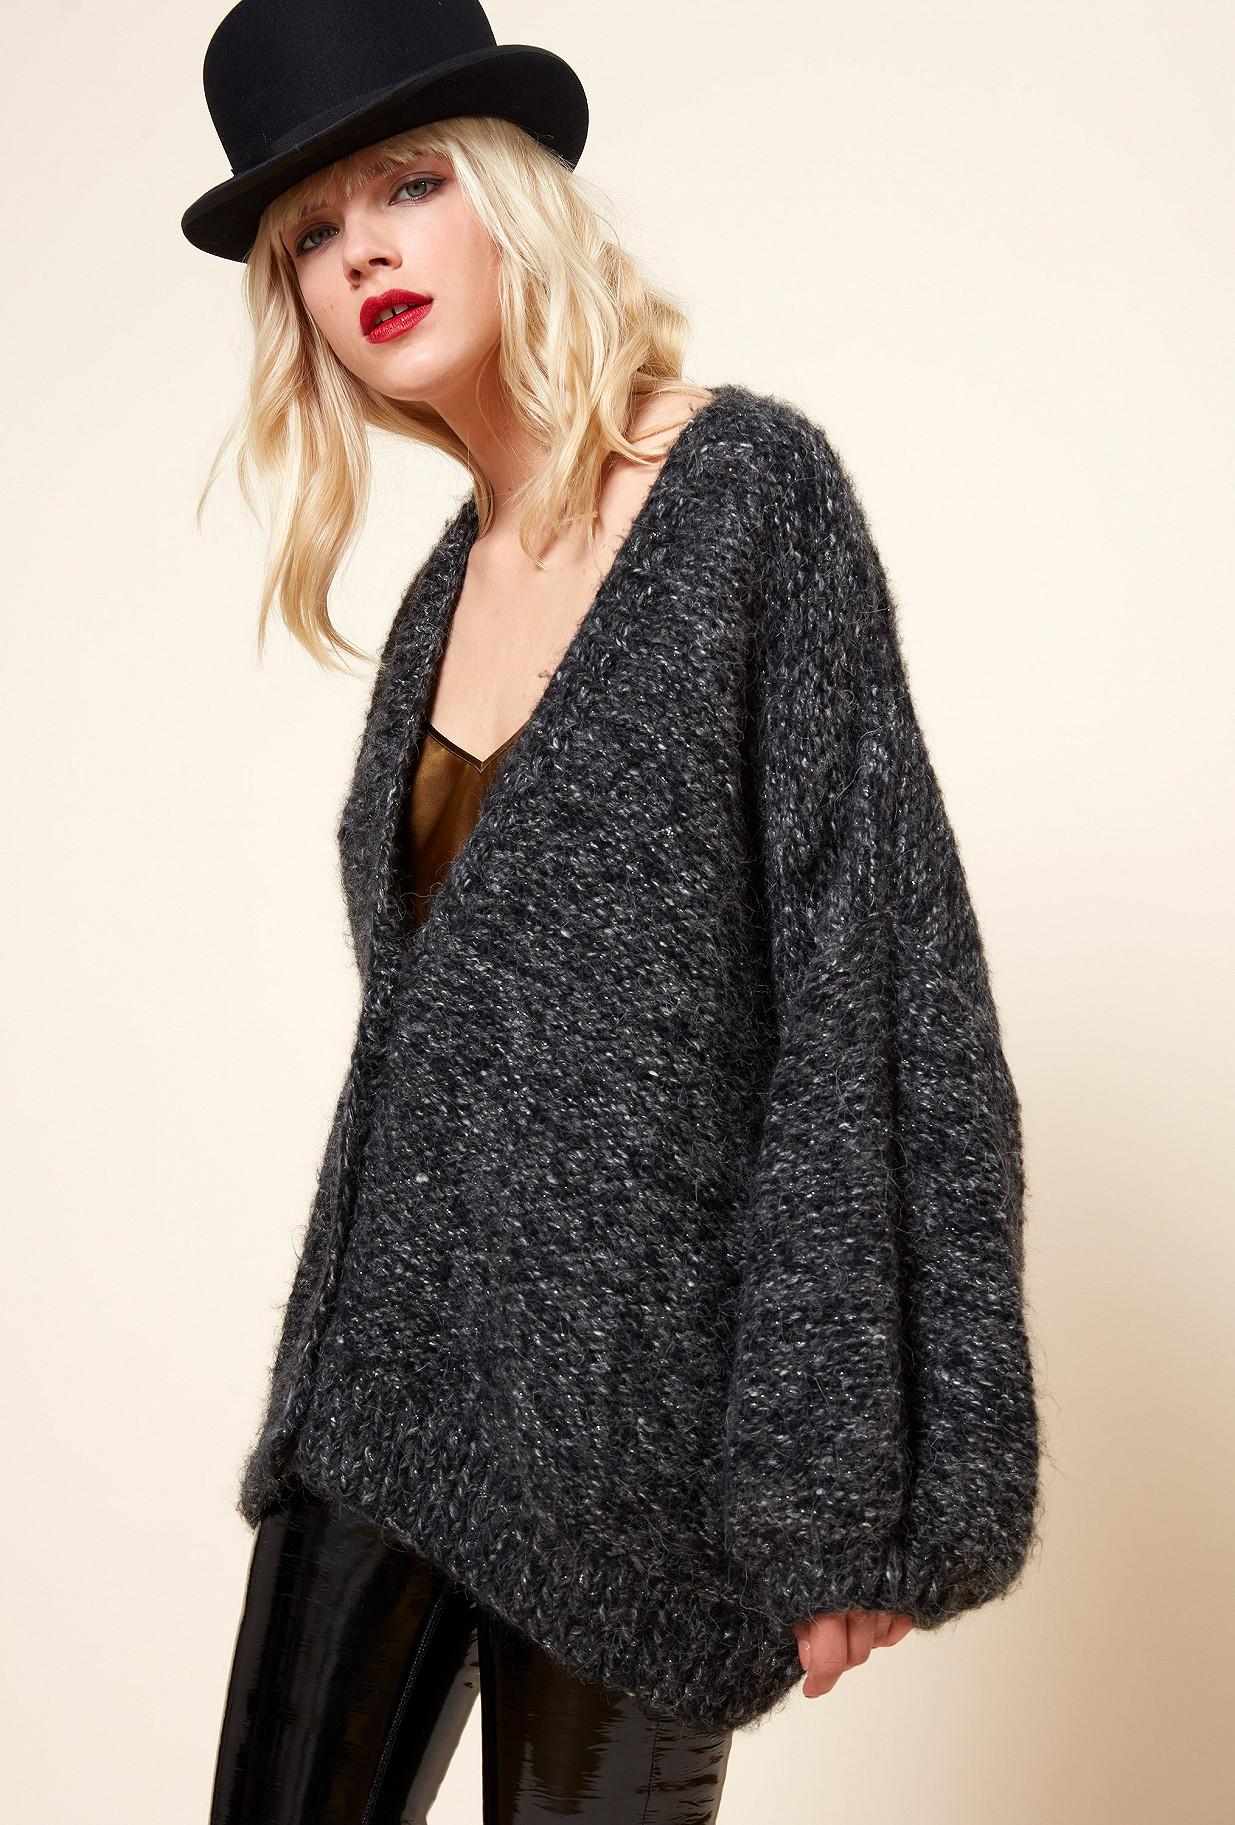 Paris boutique de mode vêtement Maille créateur bohème  Appalaches